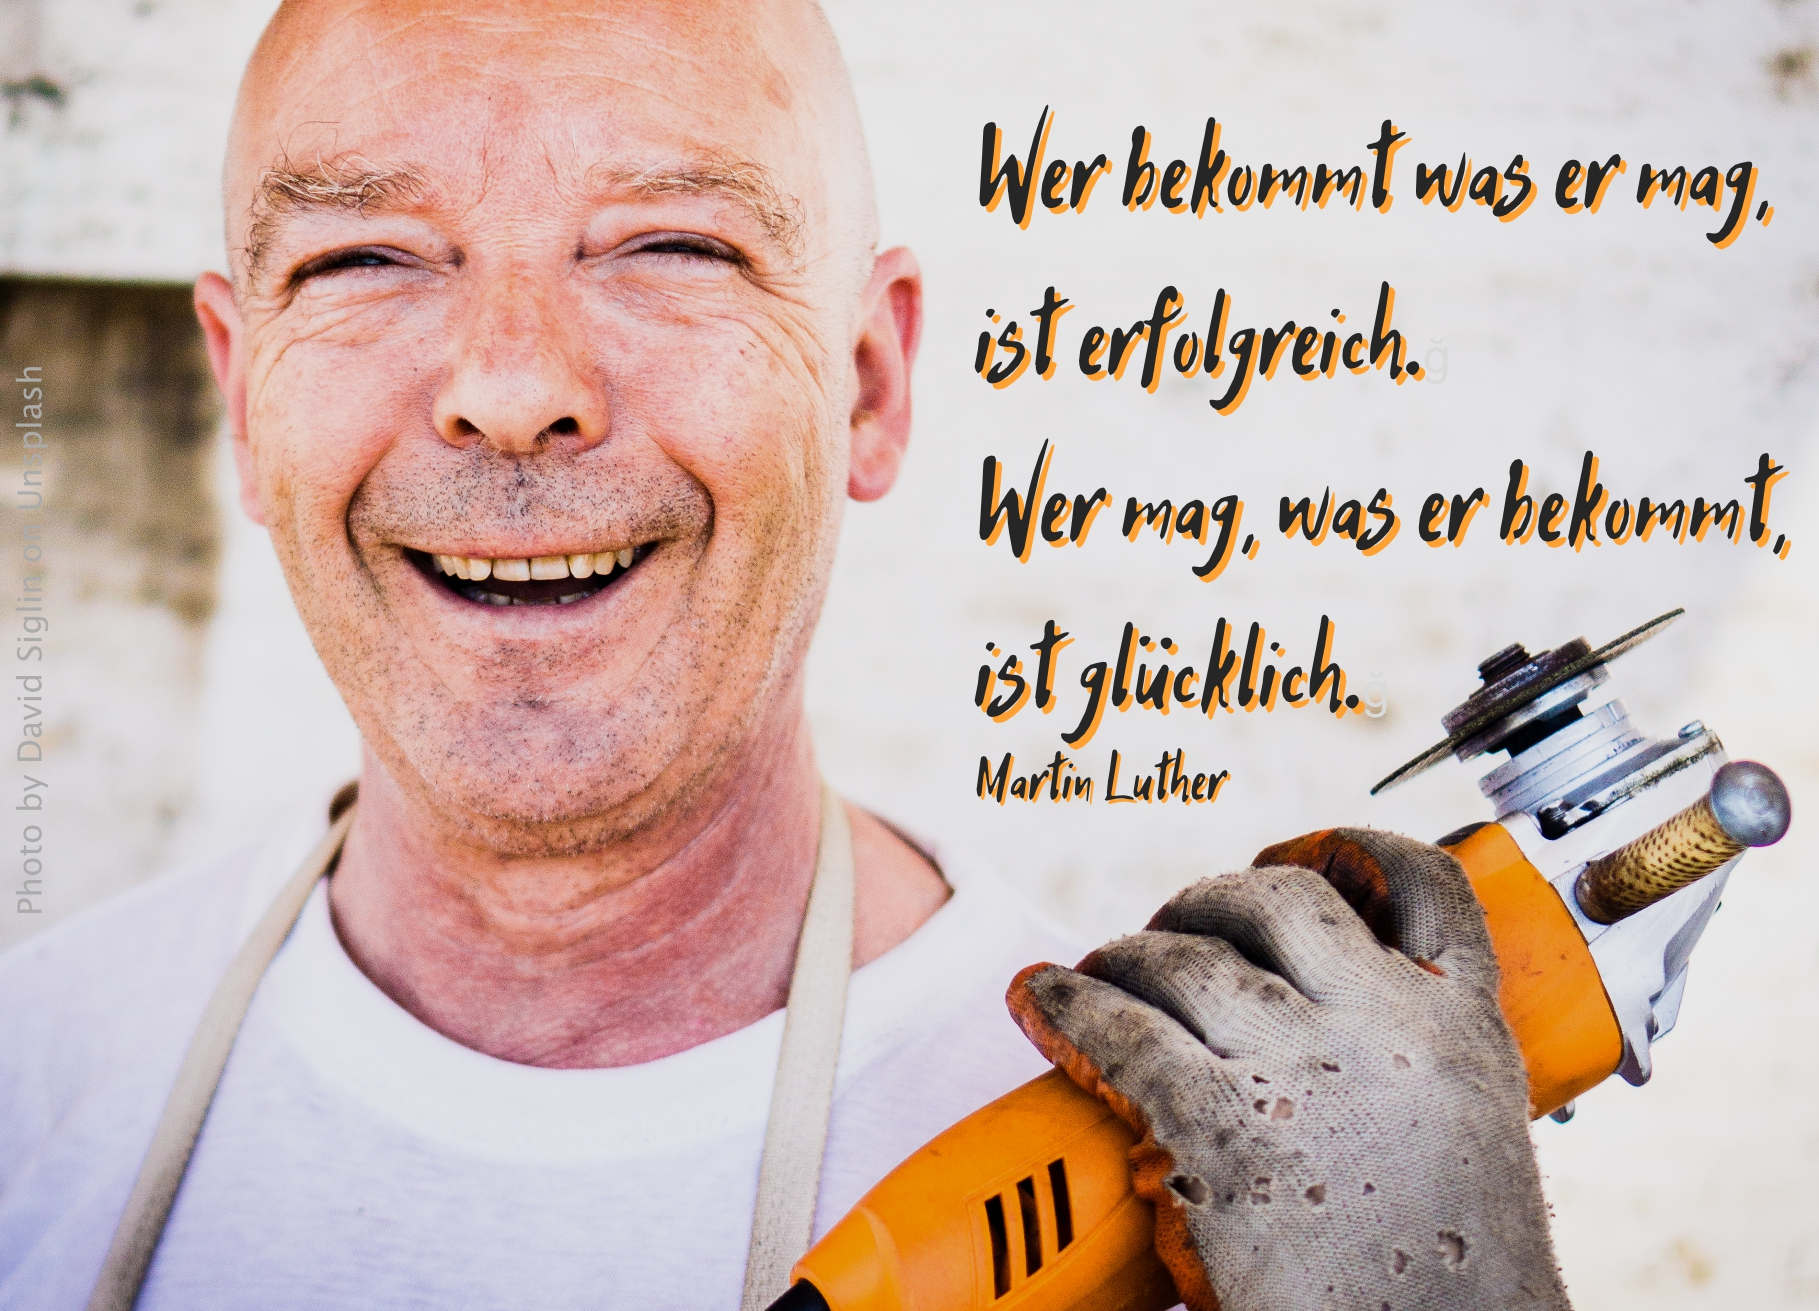 Handwerker mit glücklichem Lachen und Flex in der Hand